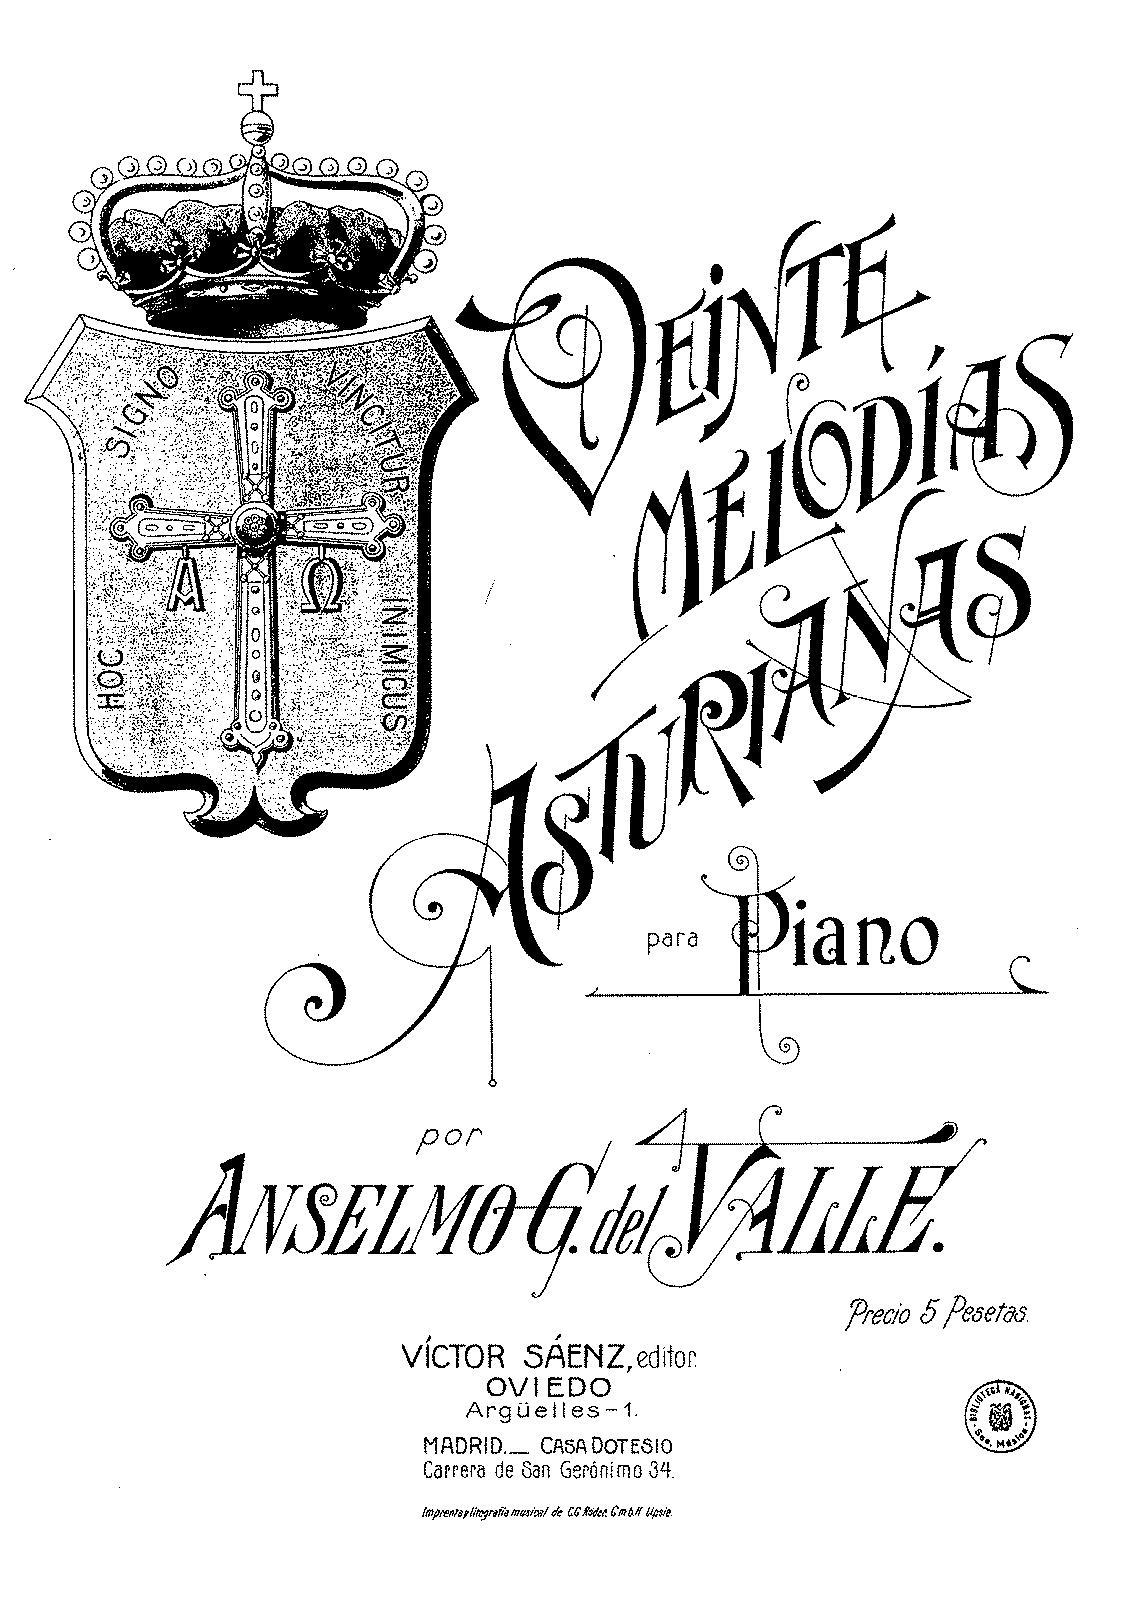 20 Melodías asturianas (González del Valle, Anselmo) - IMSLP